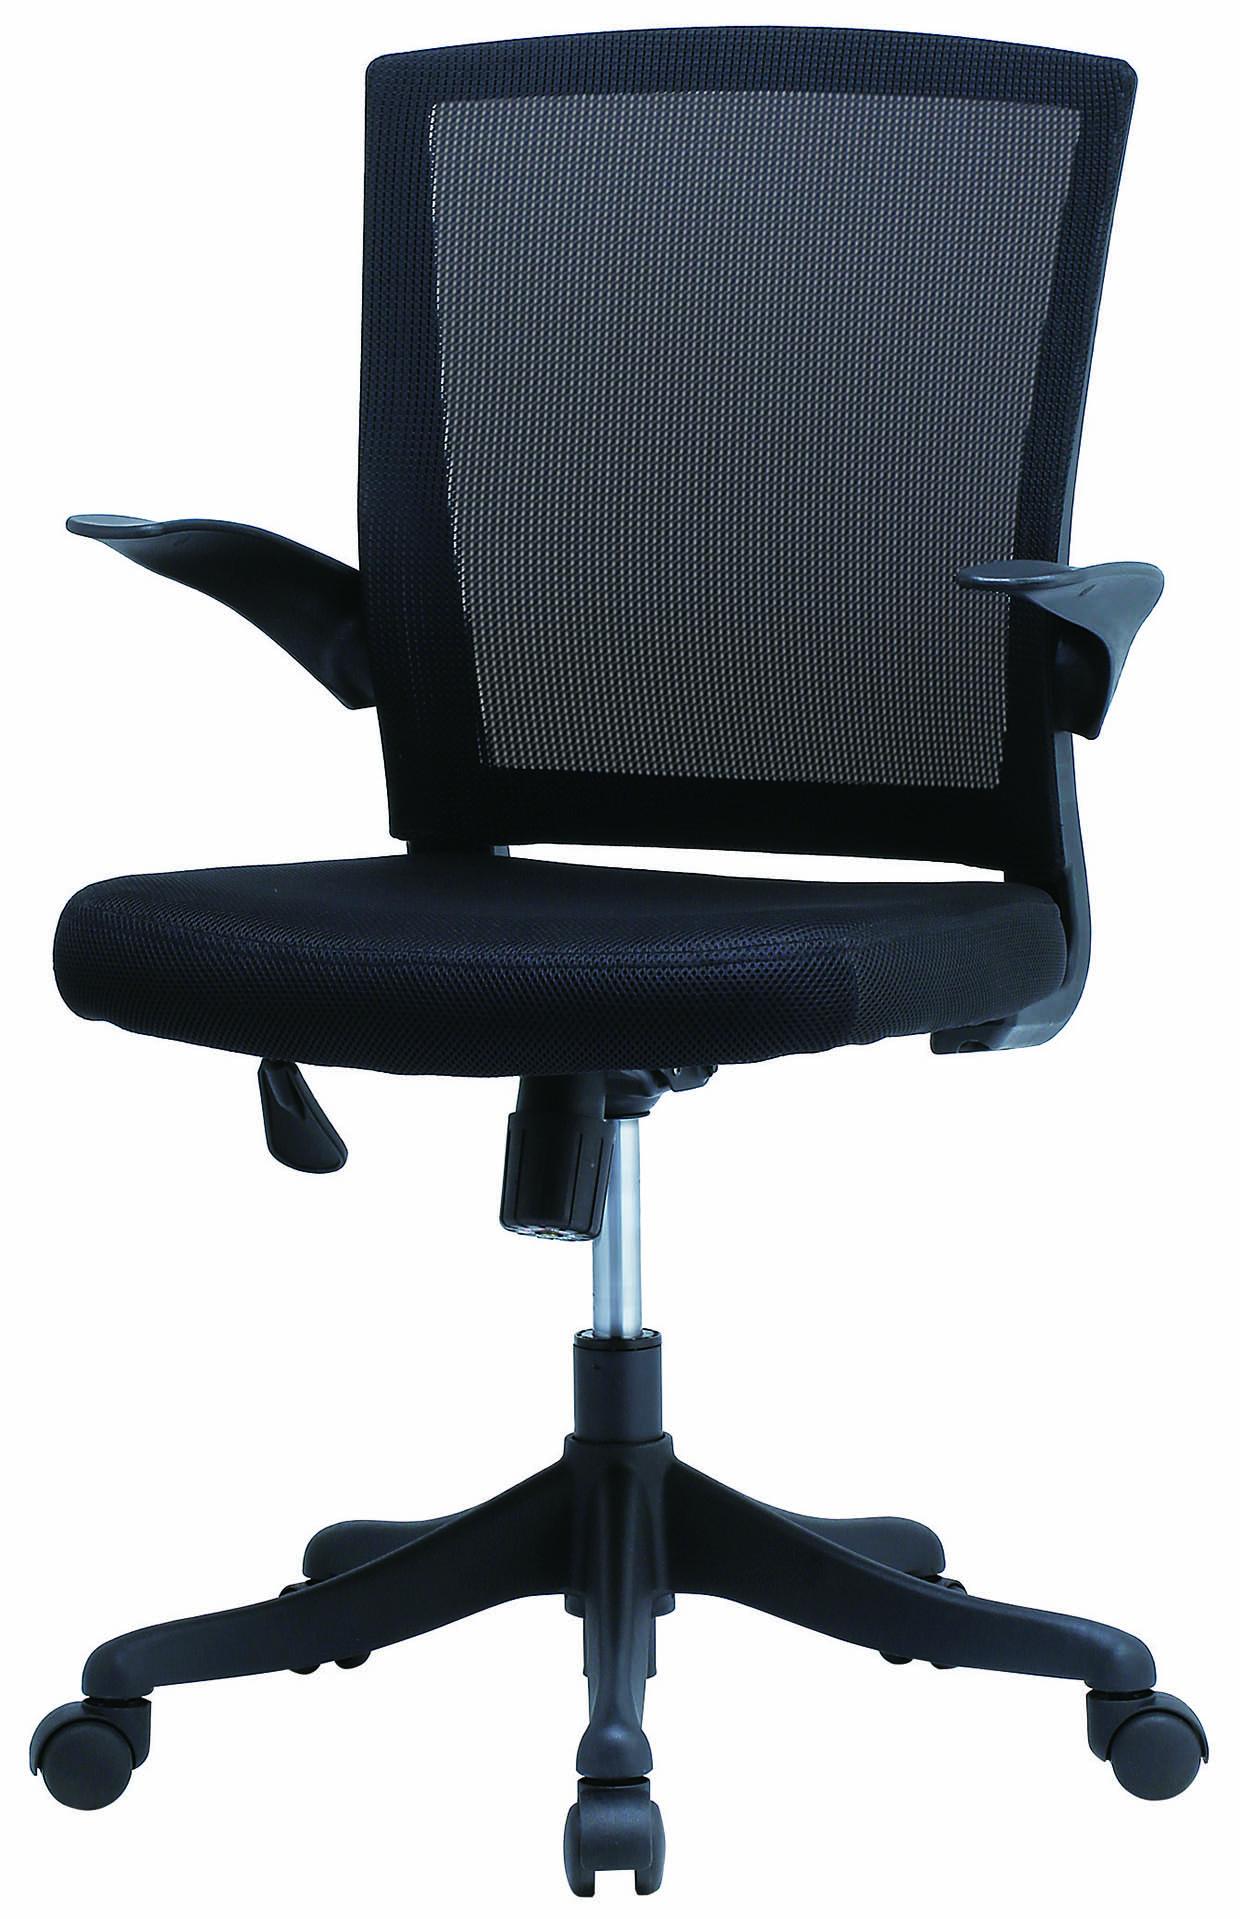 【法人様限定】【直送便】井上金庫販売回転椅子FEM-14ABKブラック